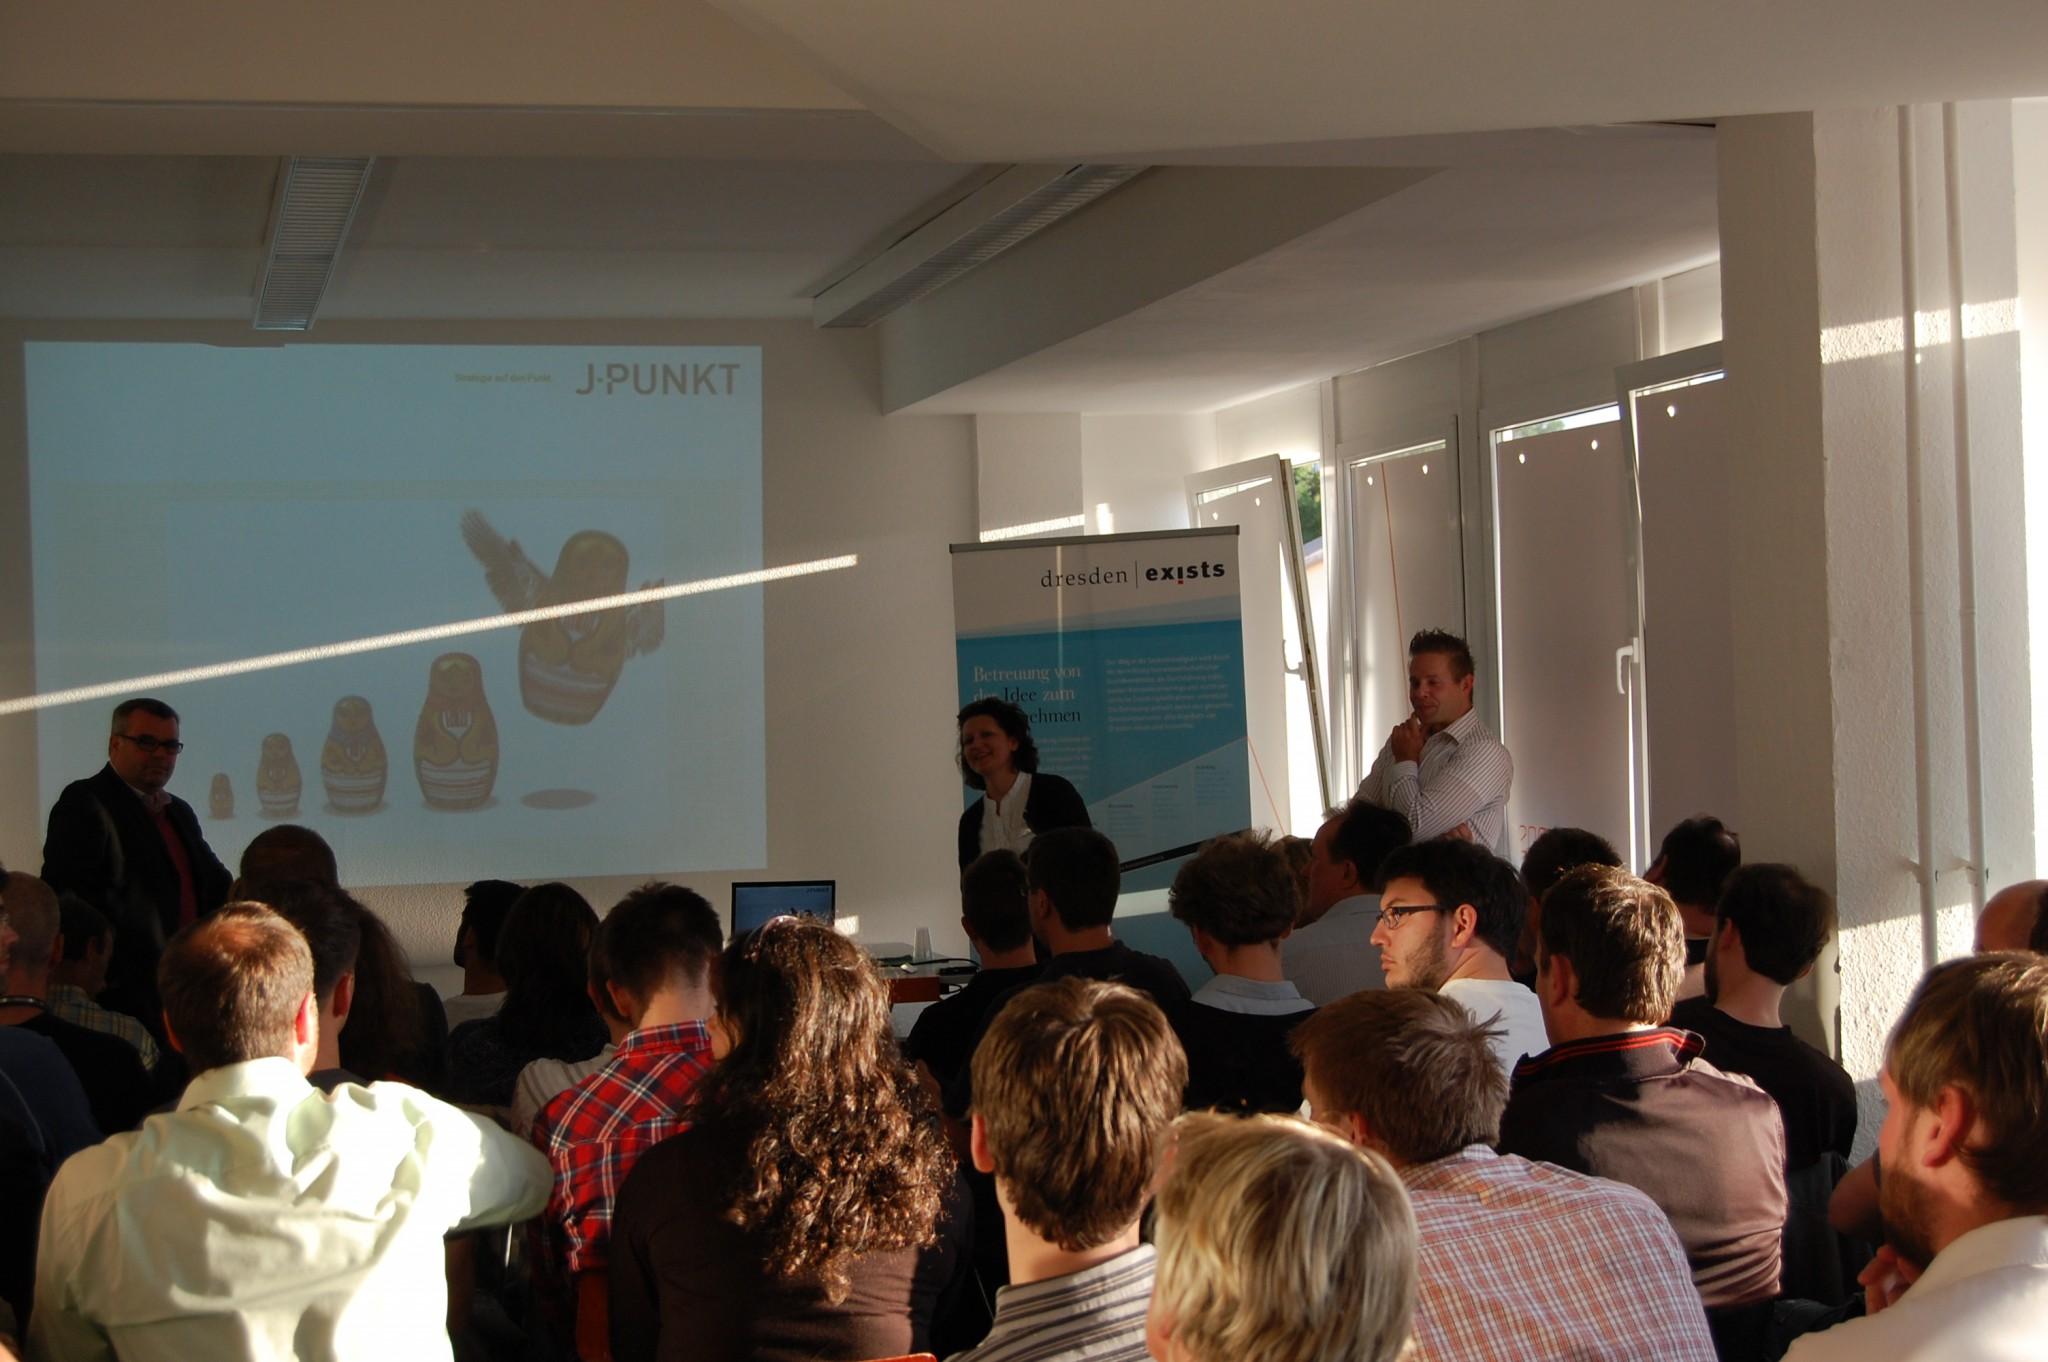 Jenny Gleitsmann von J.Punkt und Dirk Sobirai von dresden exists stellten sich den zahlreichen Fragen des Auditoriums